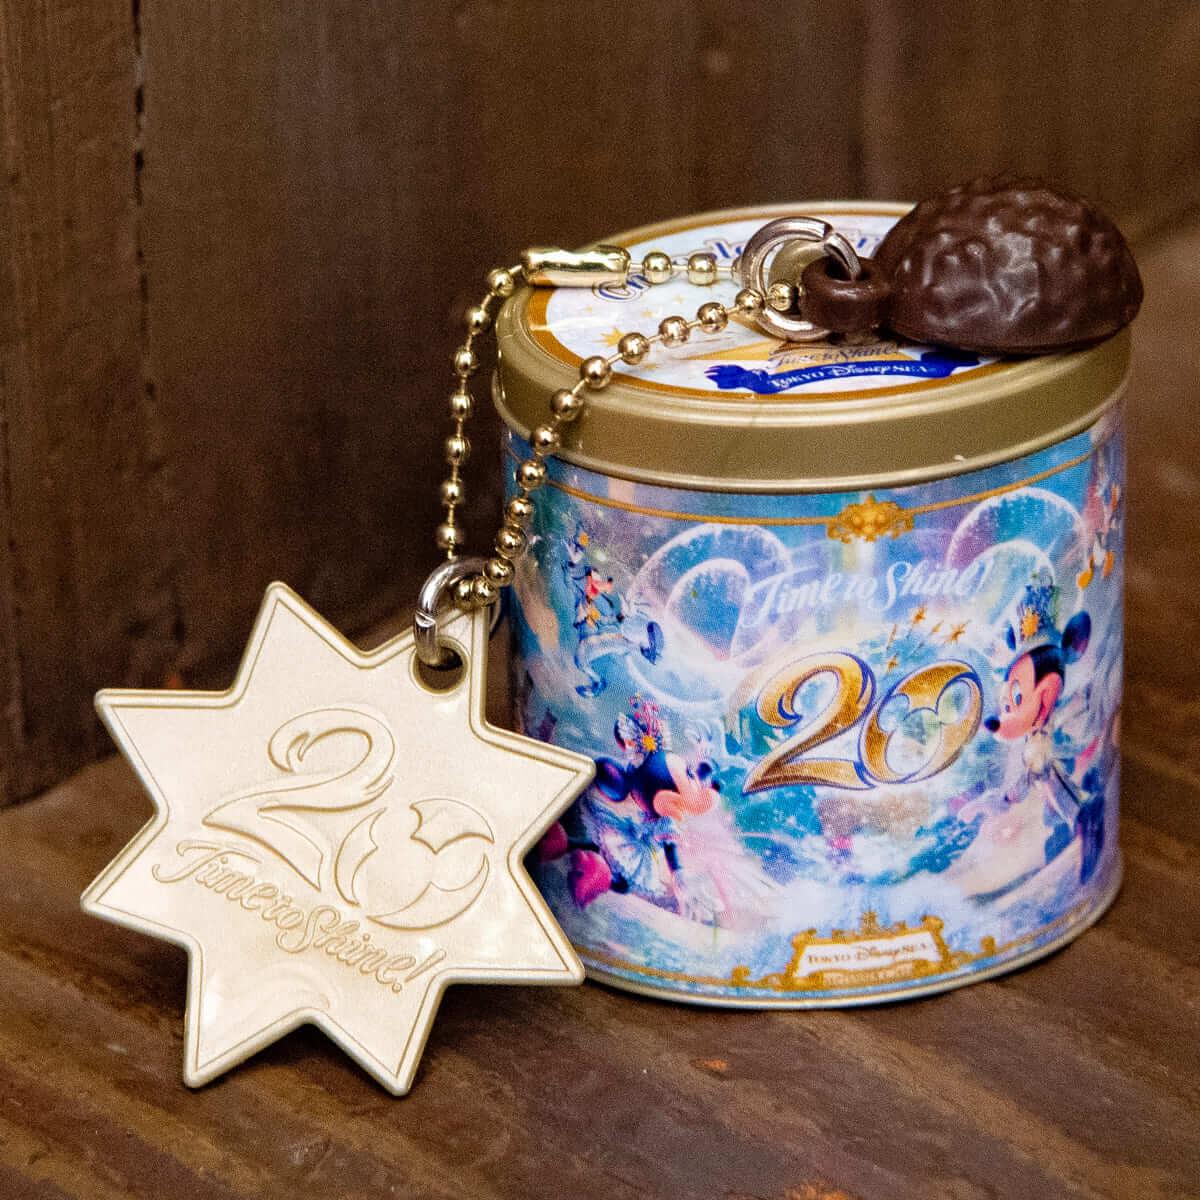 東京ディズニーシー20周年:タイム・トゥ・シャイン!カプセルトイ チョコレートクランチ